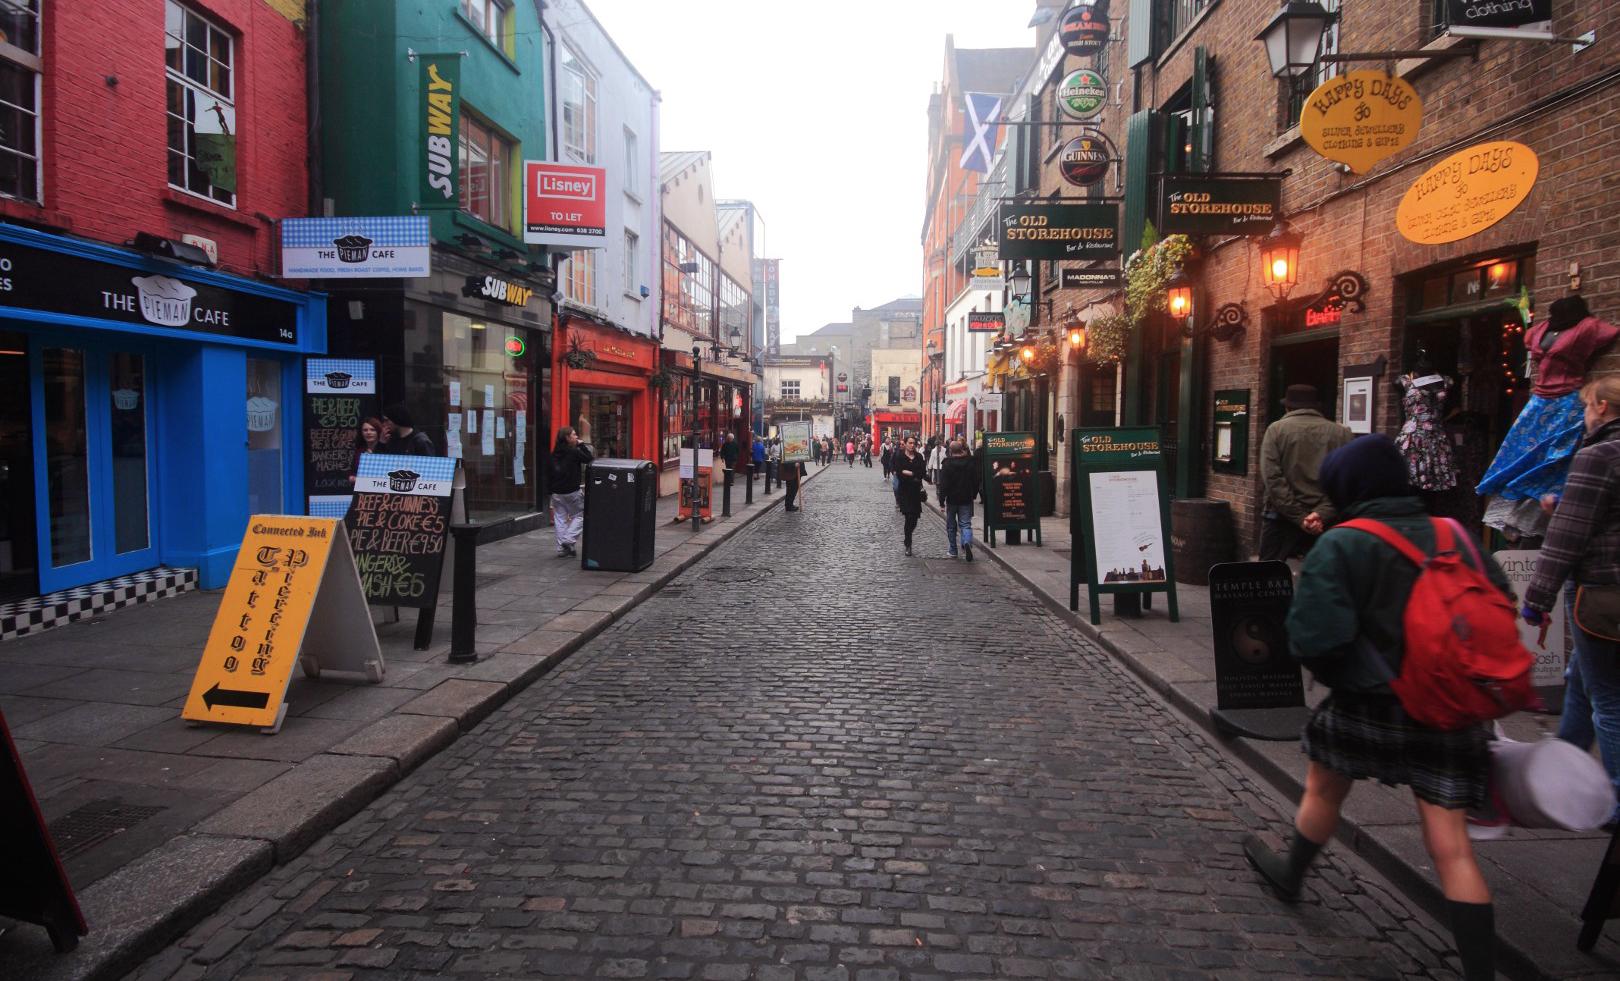 Irlannissa työllisyys on kohentunut odotettua nopeammin ja talouskasvuennusteet tavoittelevat Euroopan kärkeä. Kuva: Flickr/Red Junasun